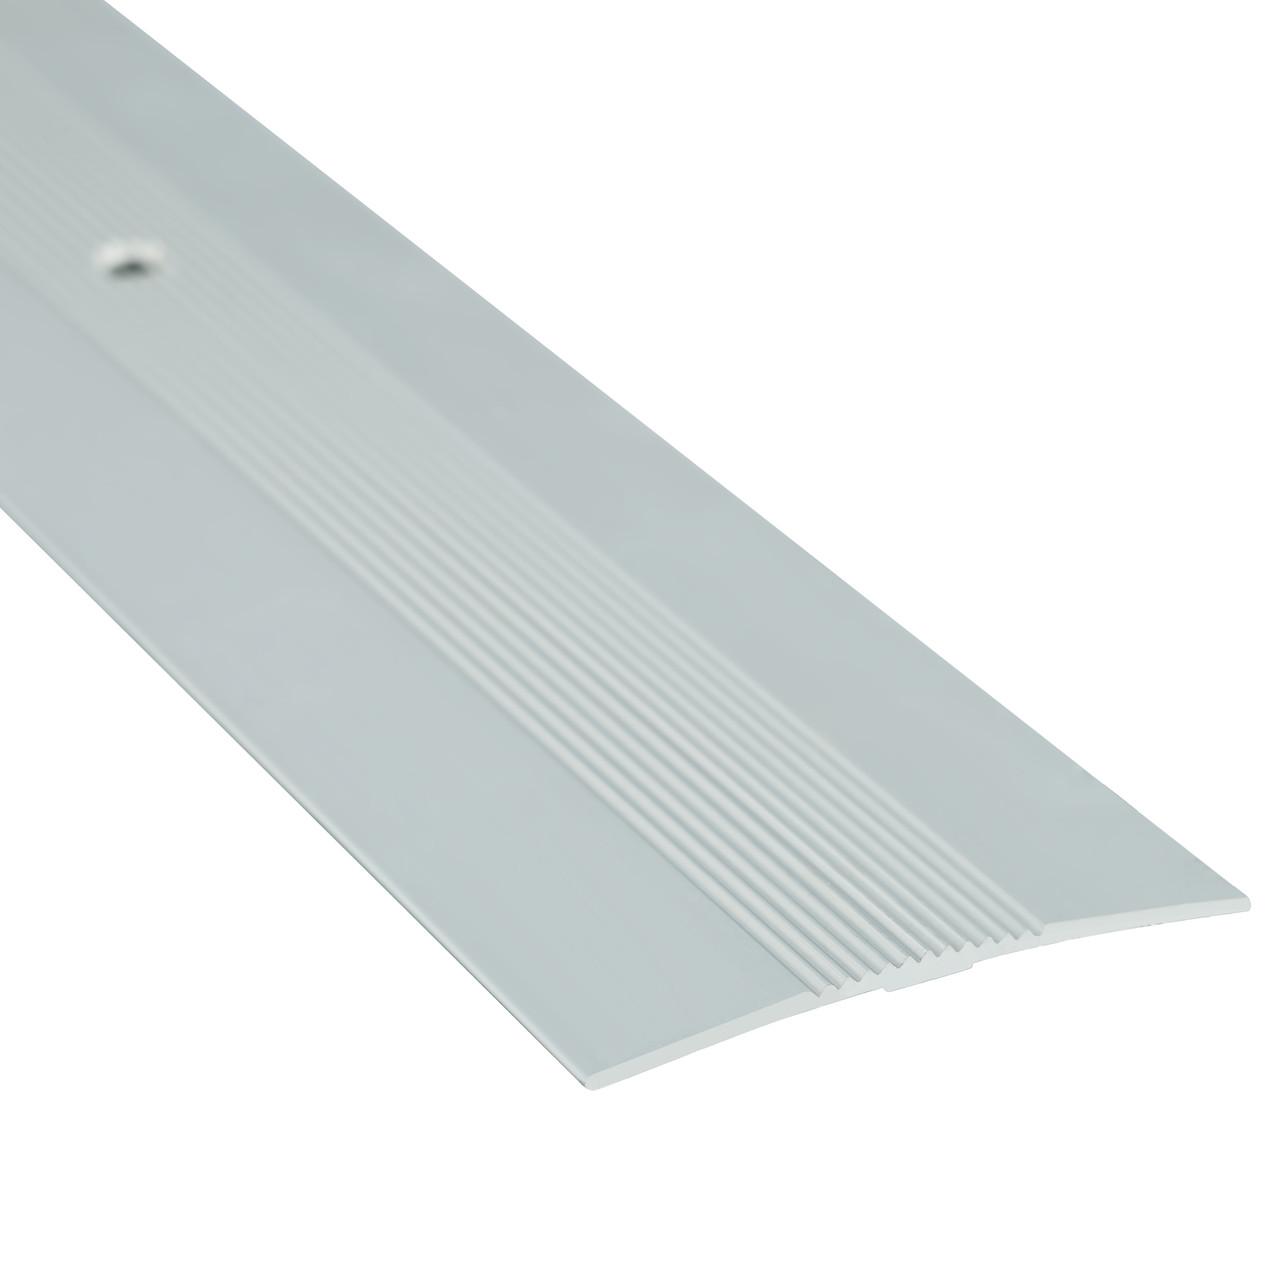 Алюминиевый профиль одноуровневый рифленый анодированный 50мм х 0.9 м серебро